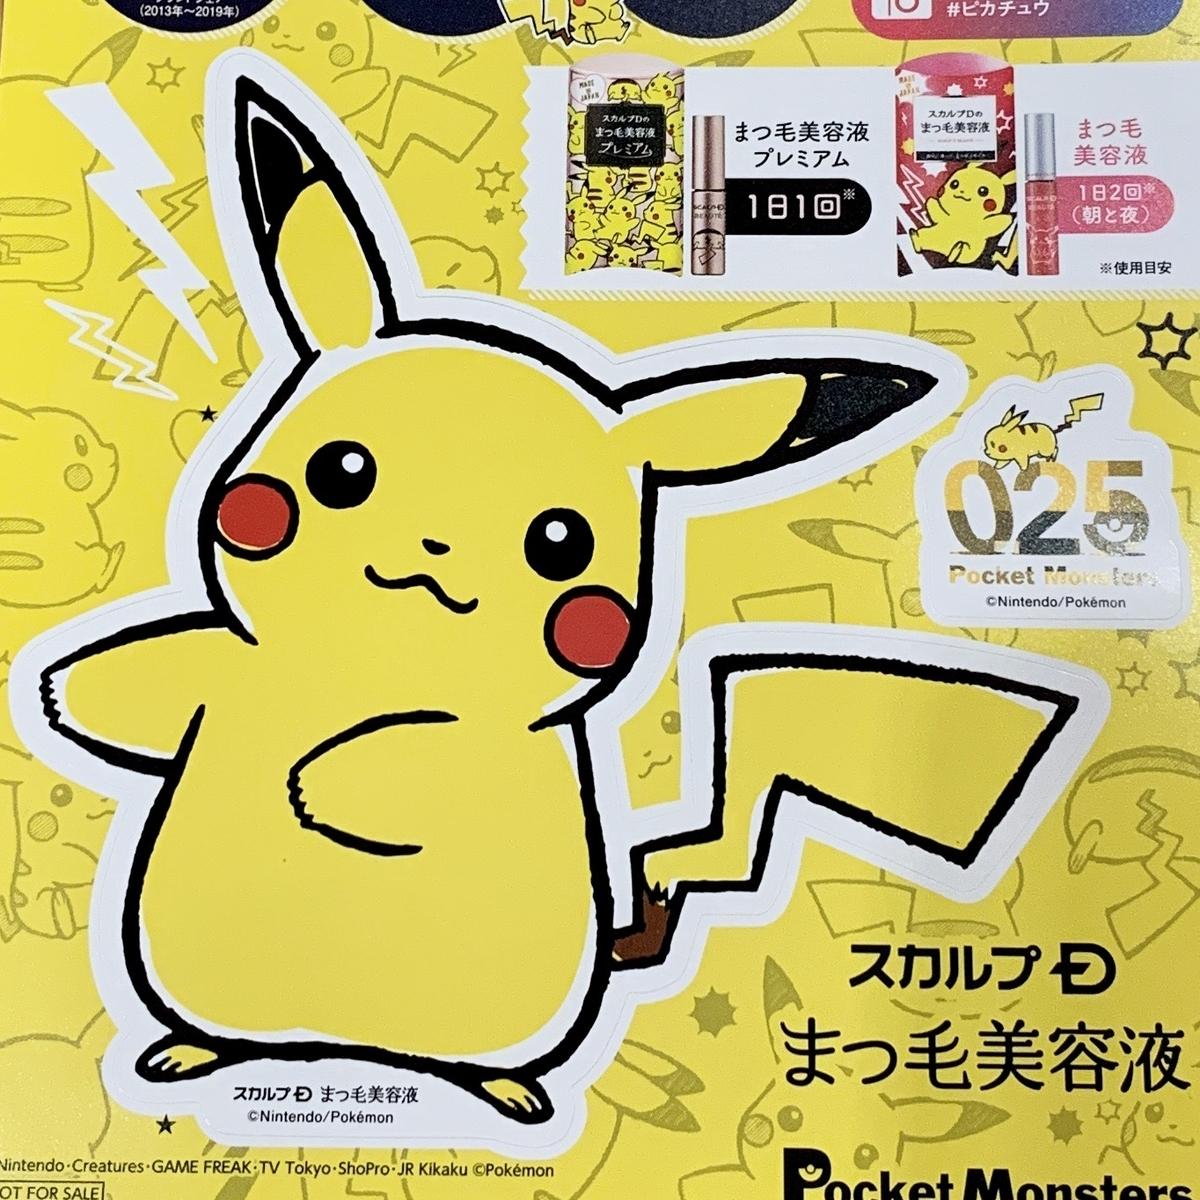 f:id:pikachu_pcn:20200722180150j:plain